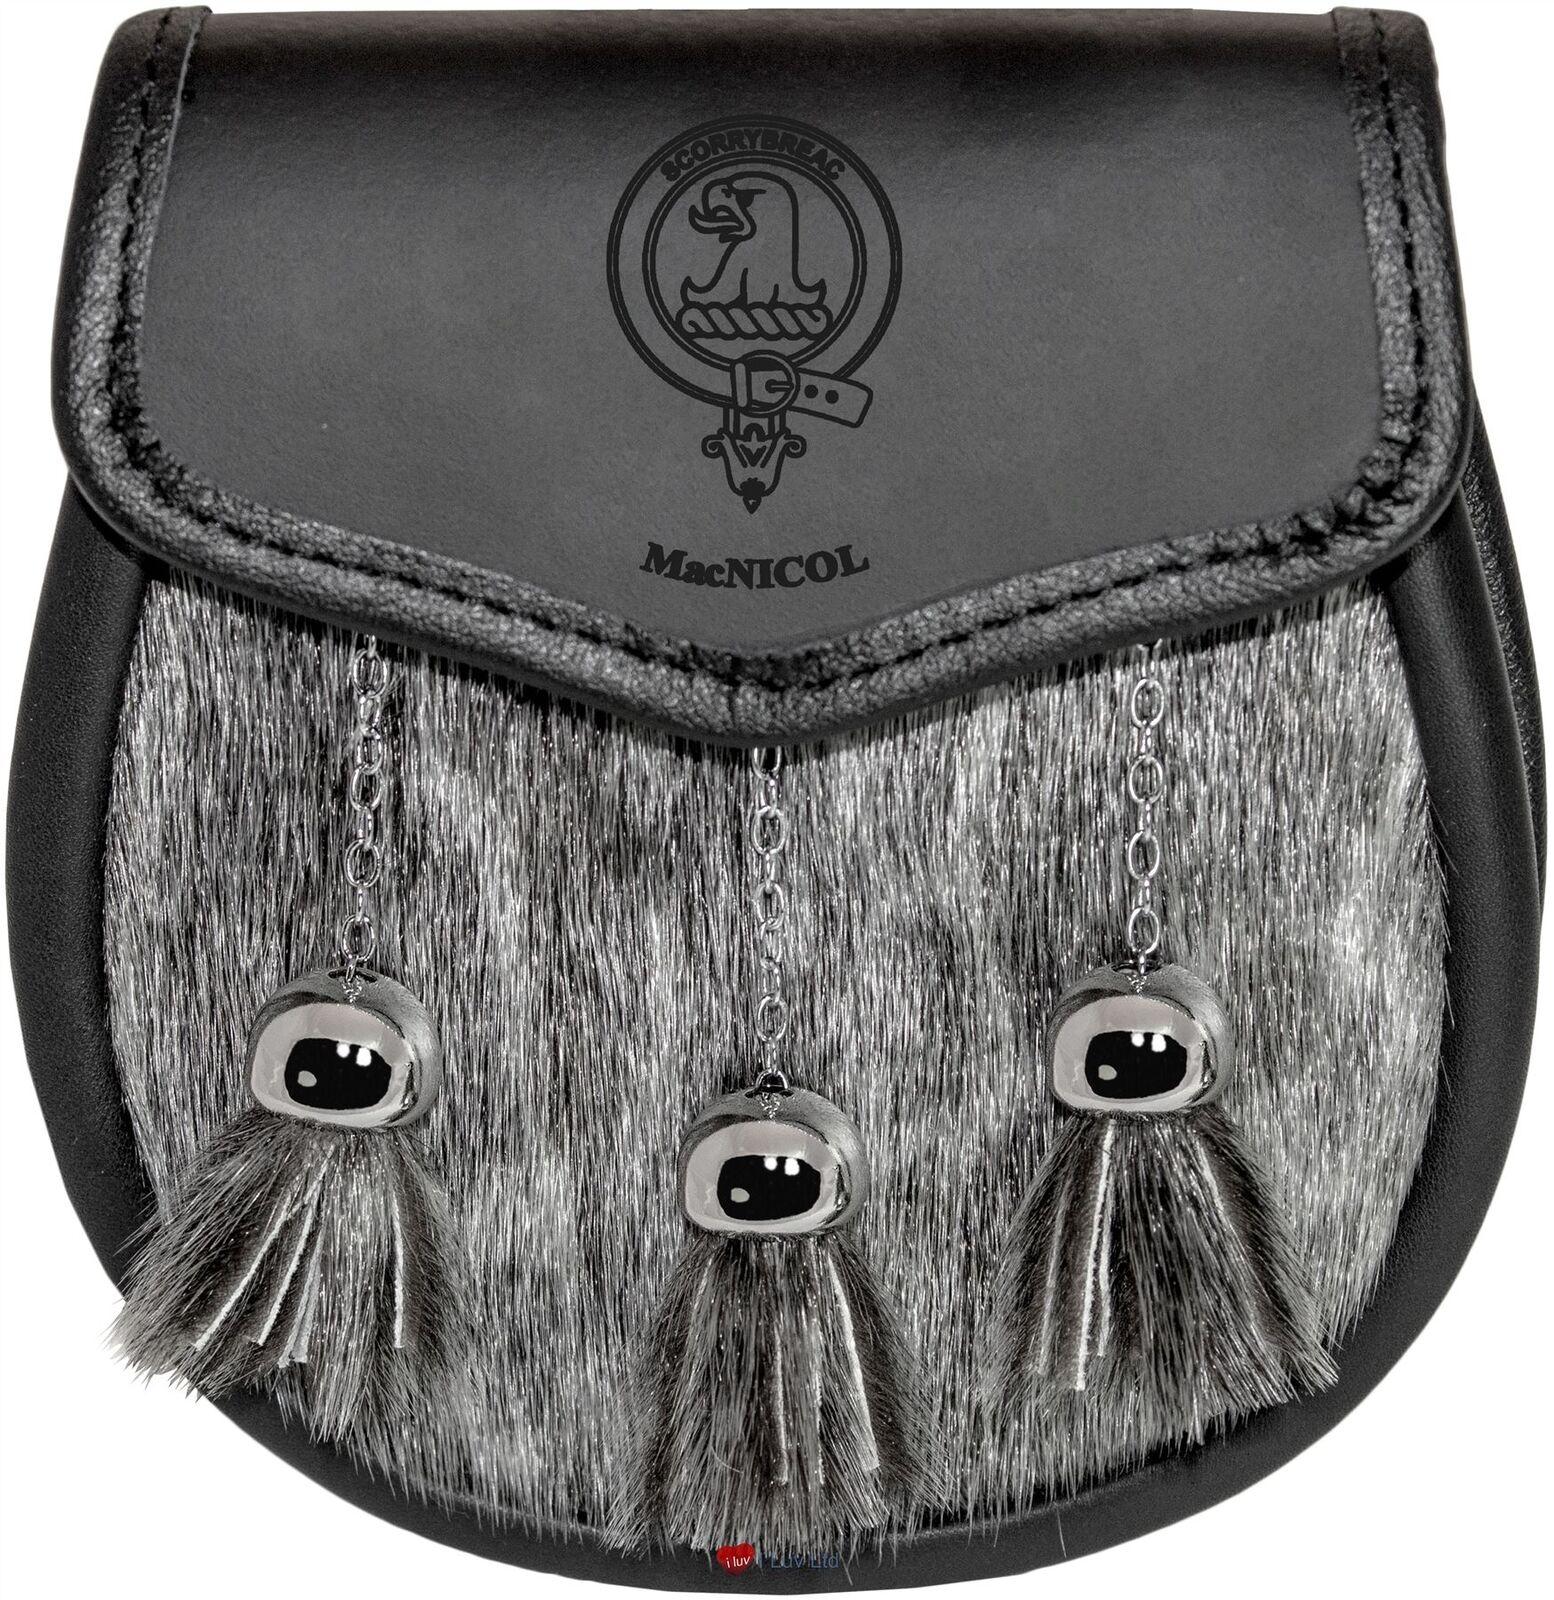 MacNicol Semi Dress Sporran Fur Plain Leather Flap Scottish Clan Crest